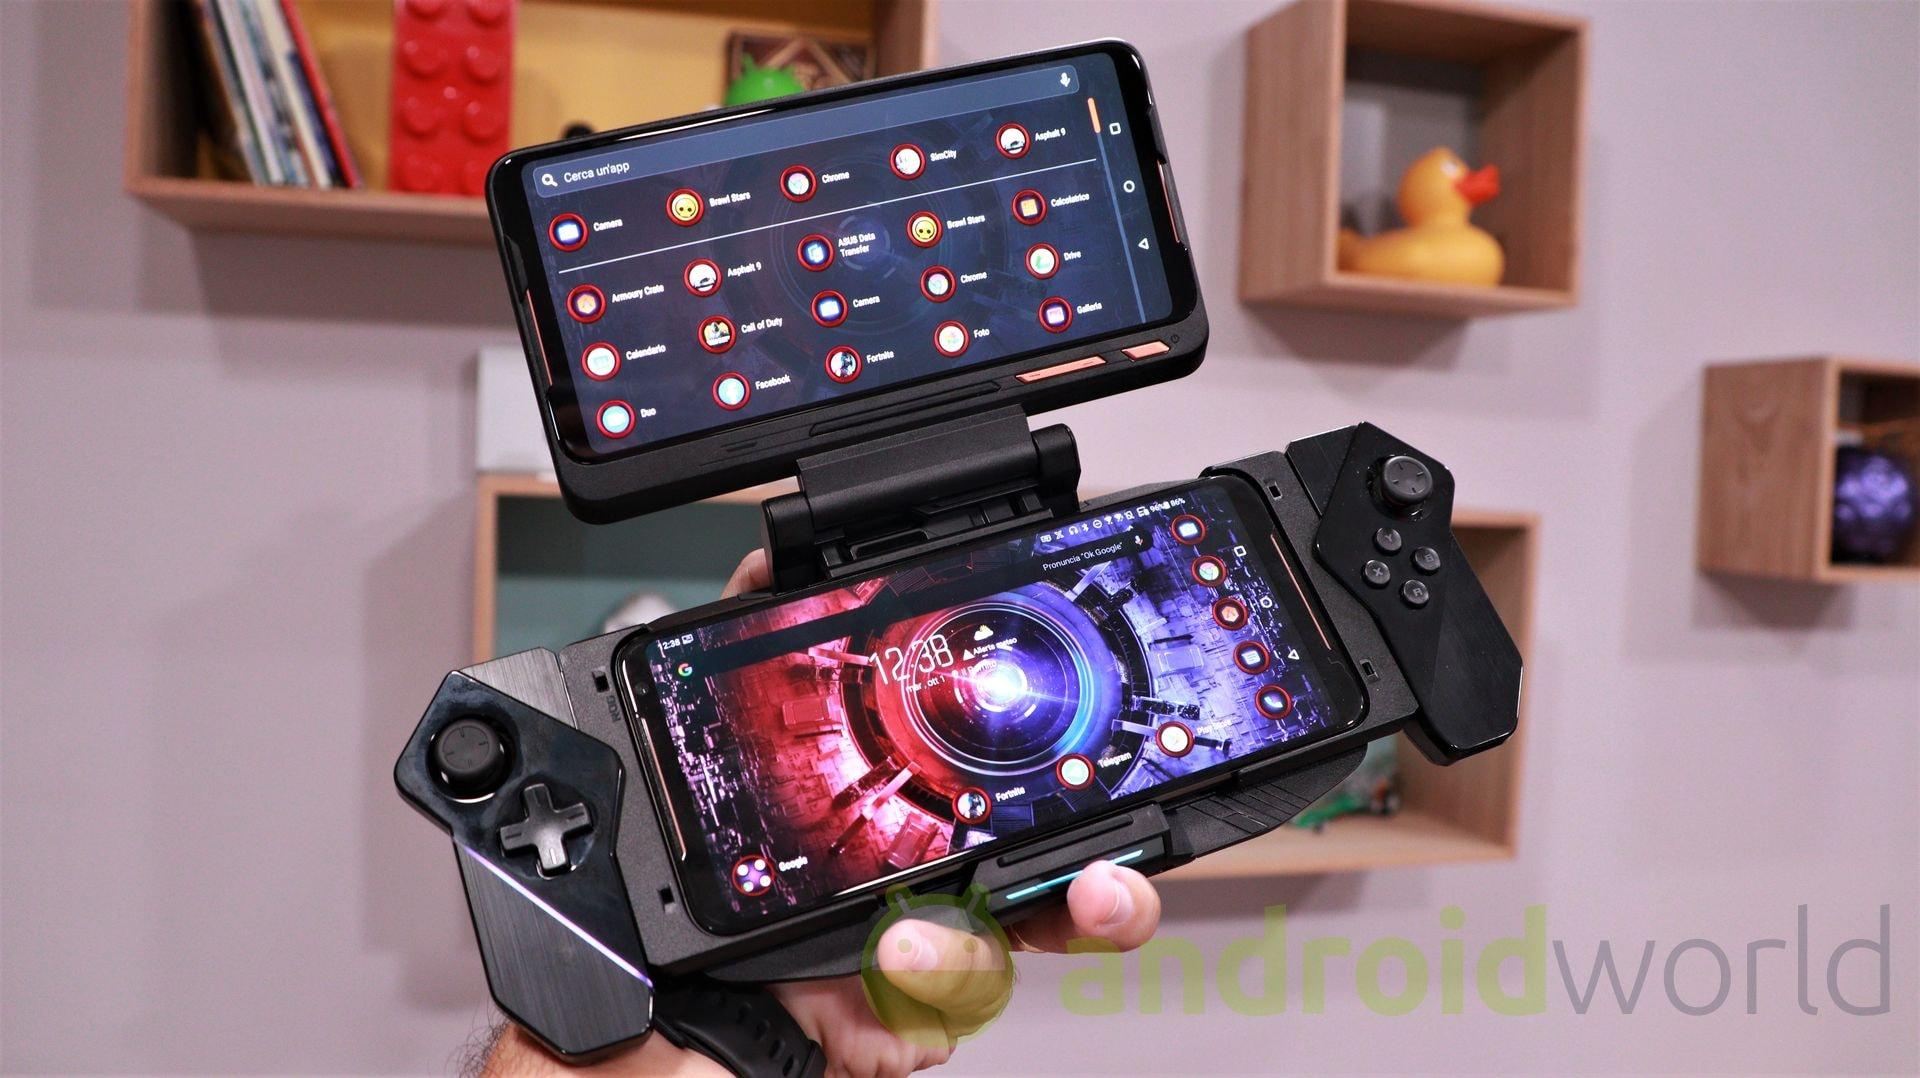 ROG Phone II si aggiorna: novità per la mappatura dei pulsanti e per le personalizzazione degli squeeze